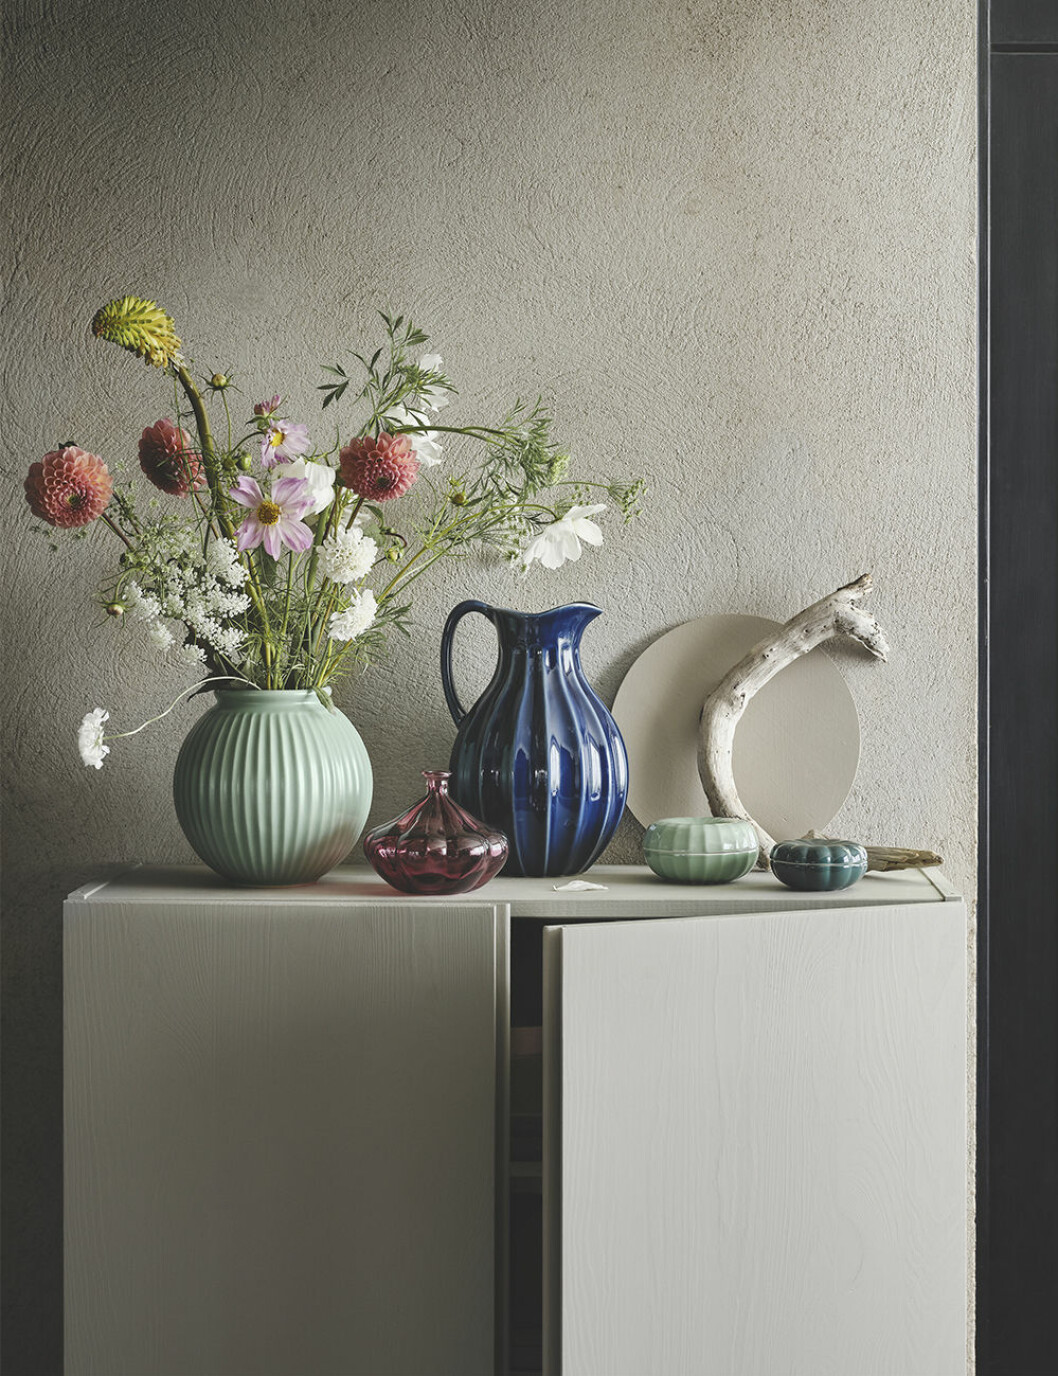 Keramik och vaser i fina färger från Ikea